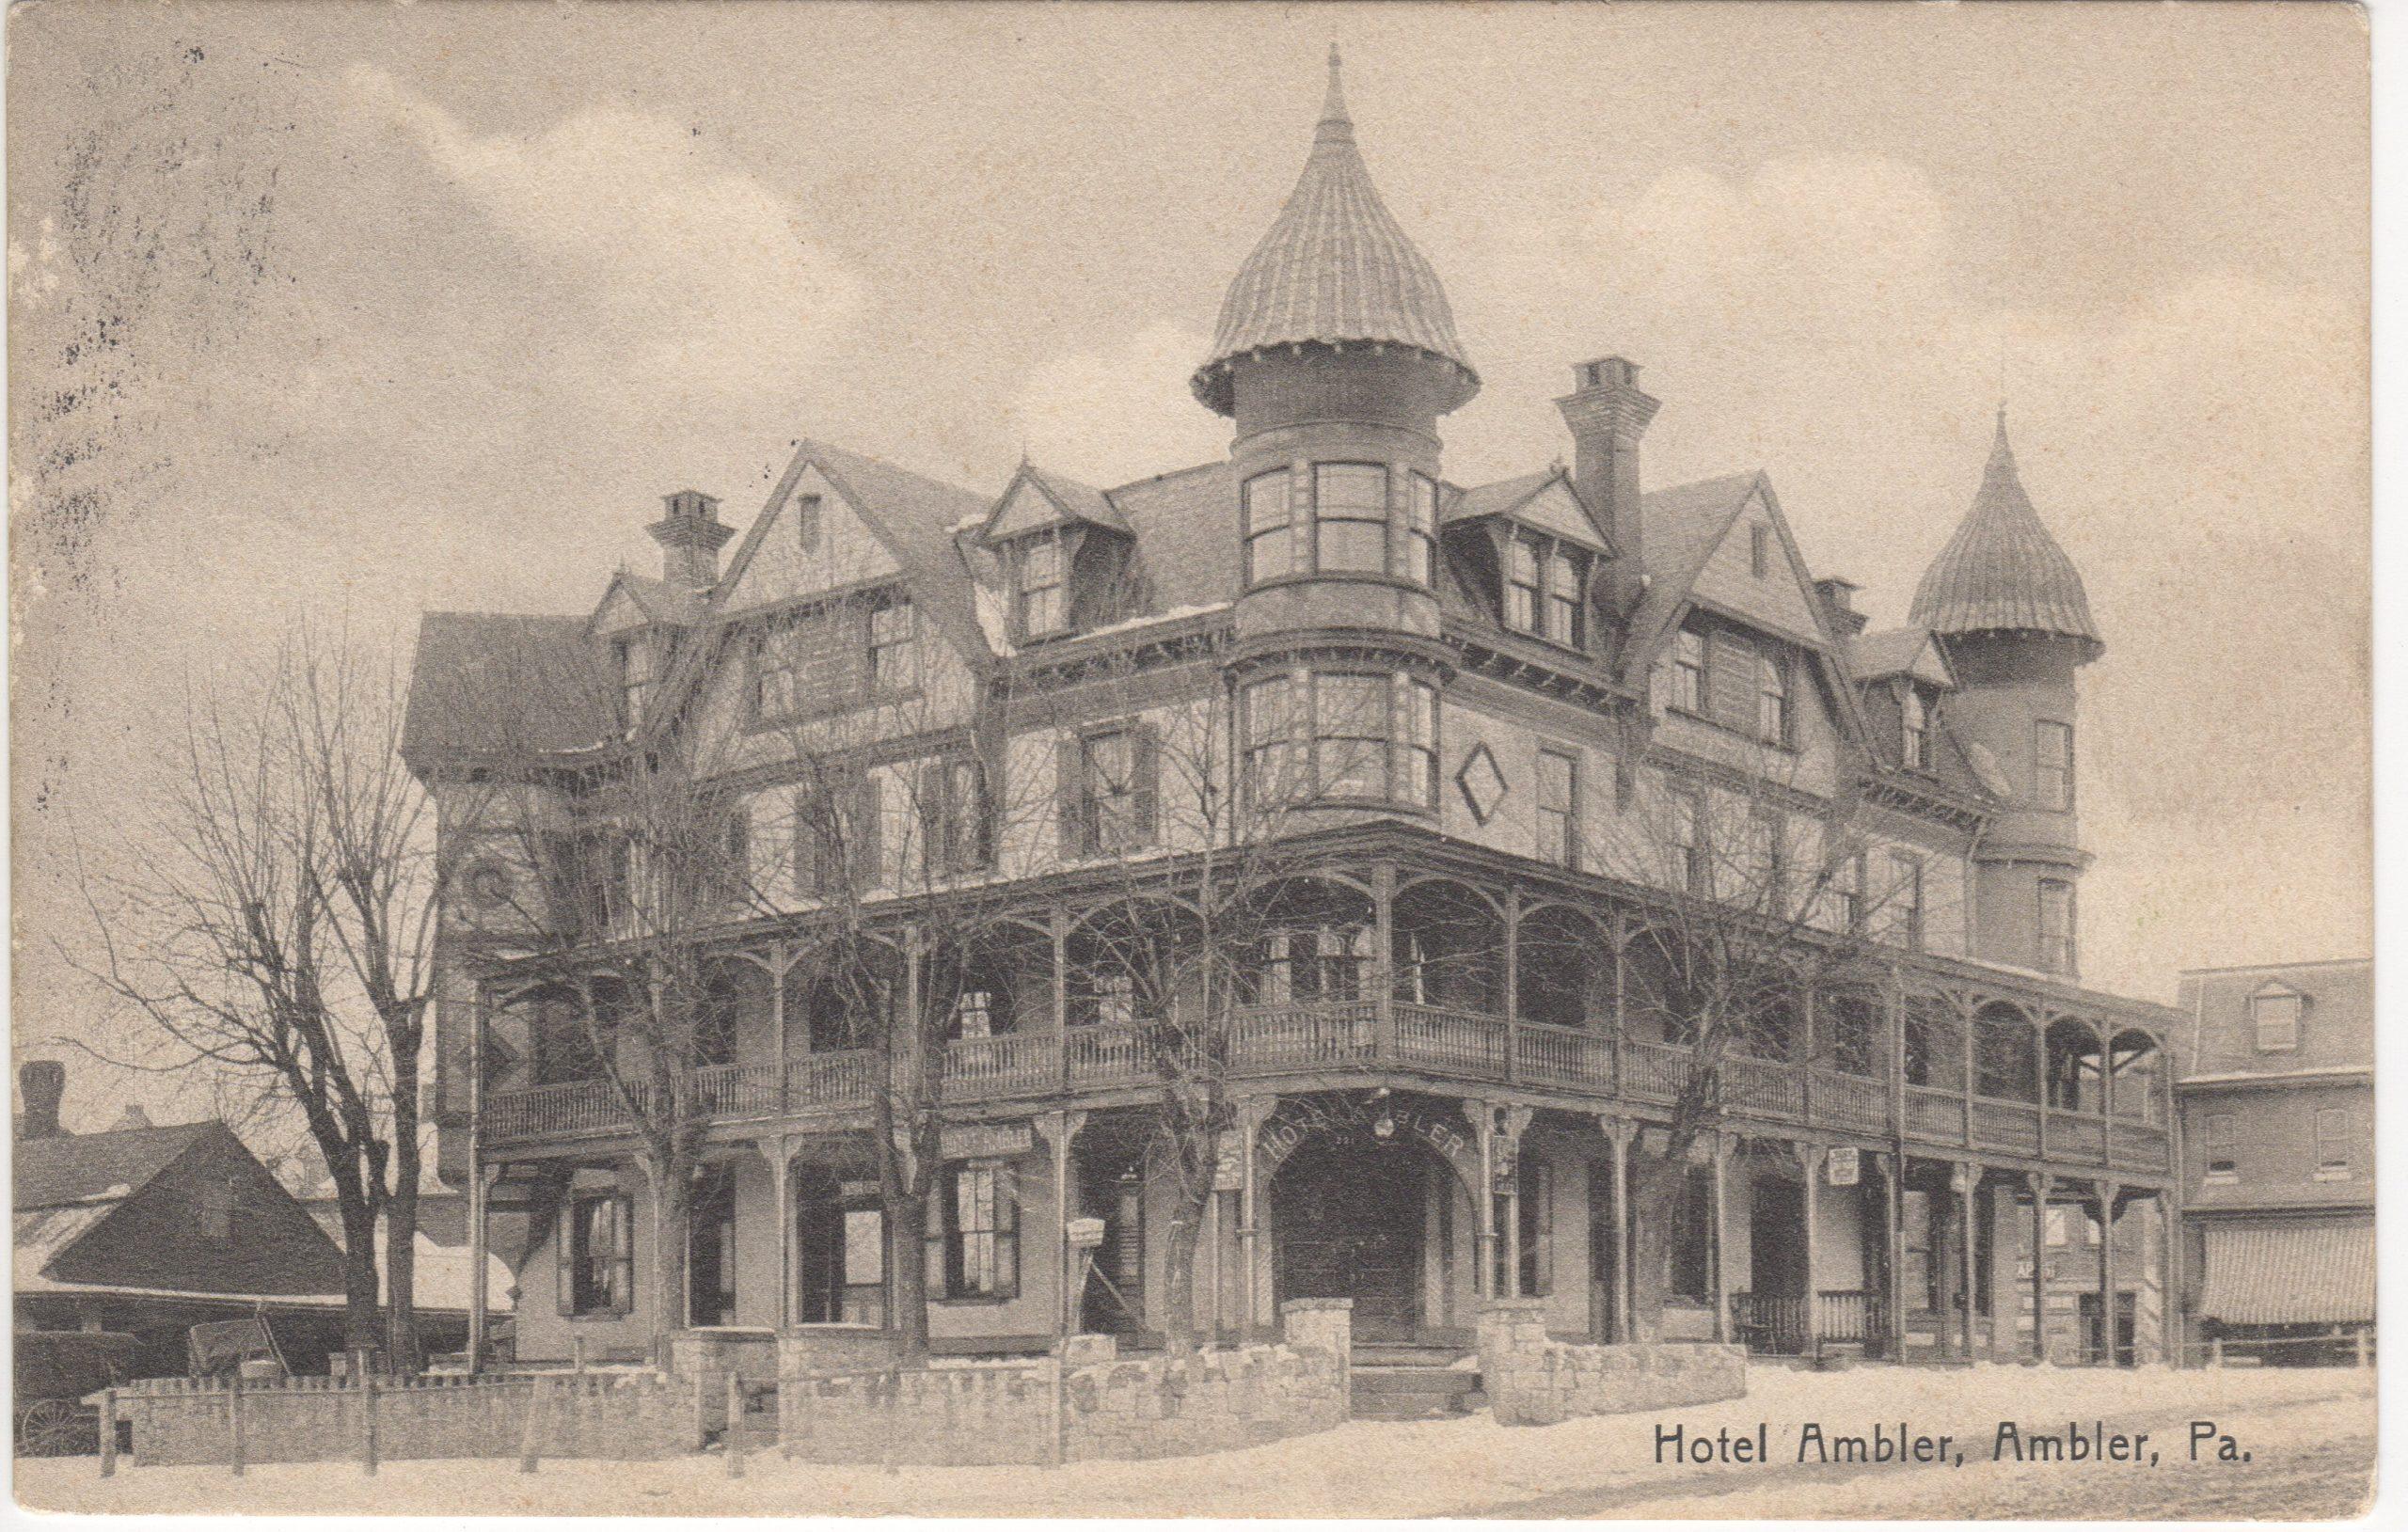 4125.52 Ambler Pa Postcard_Hotel Ambler_circa 1908